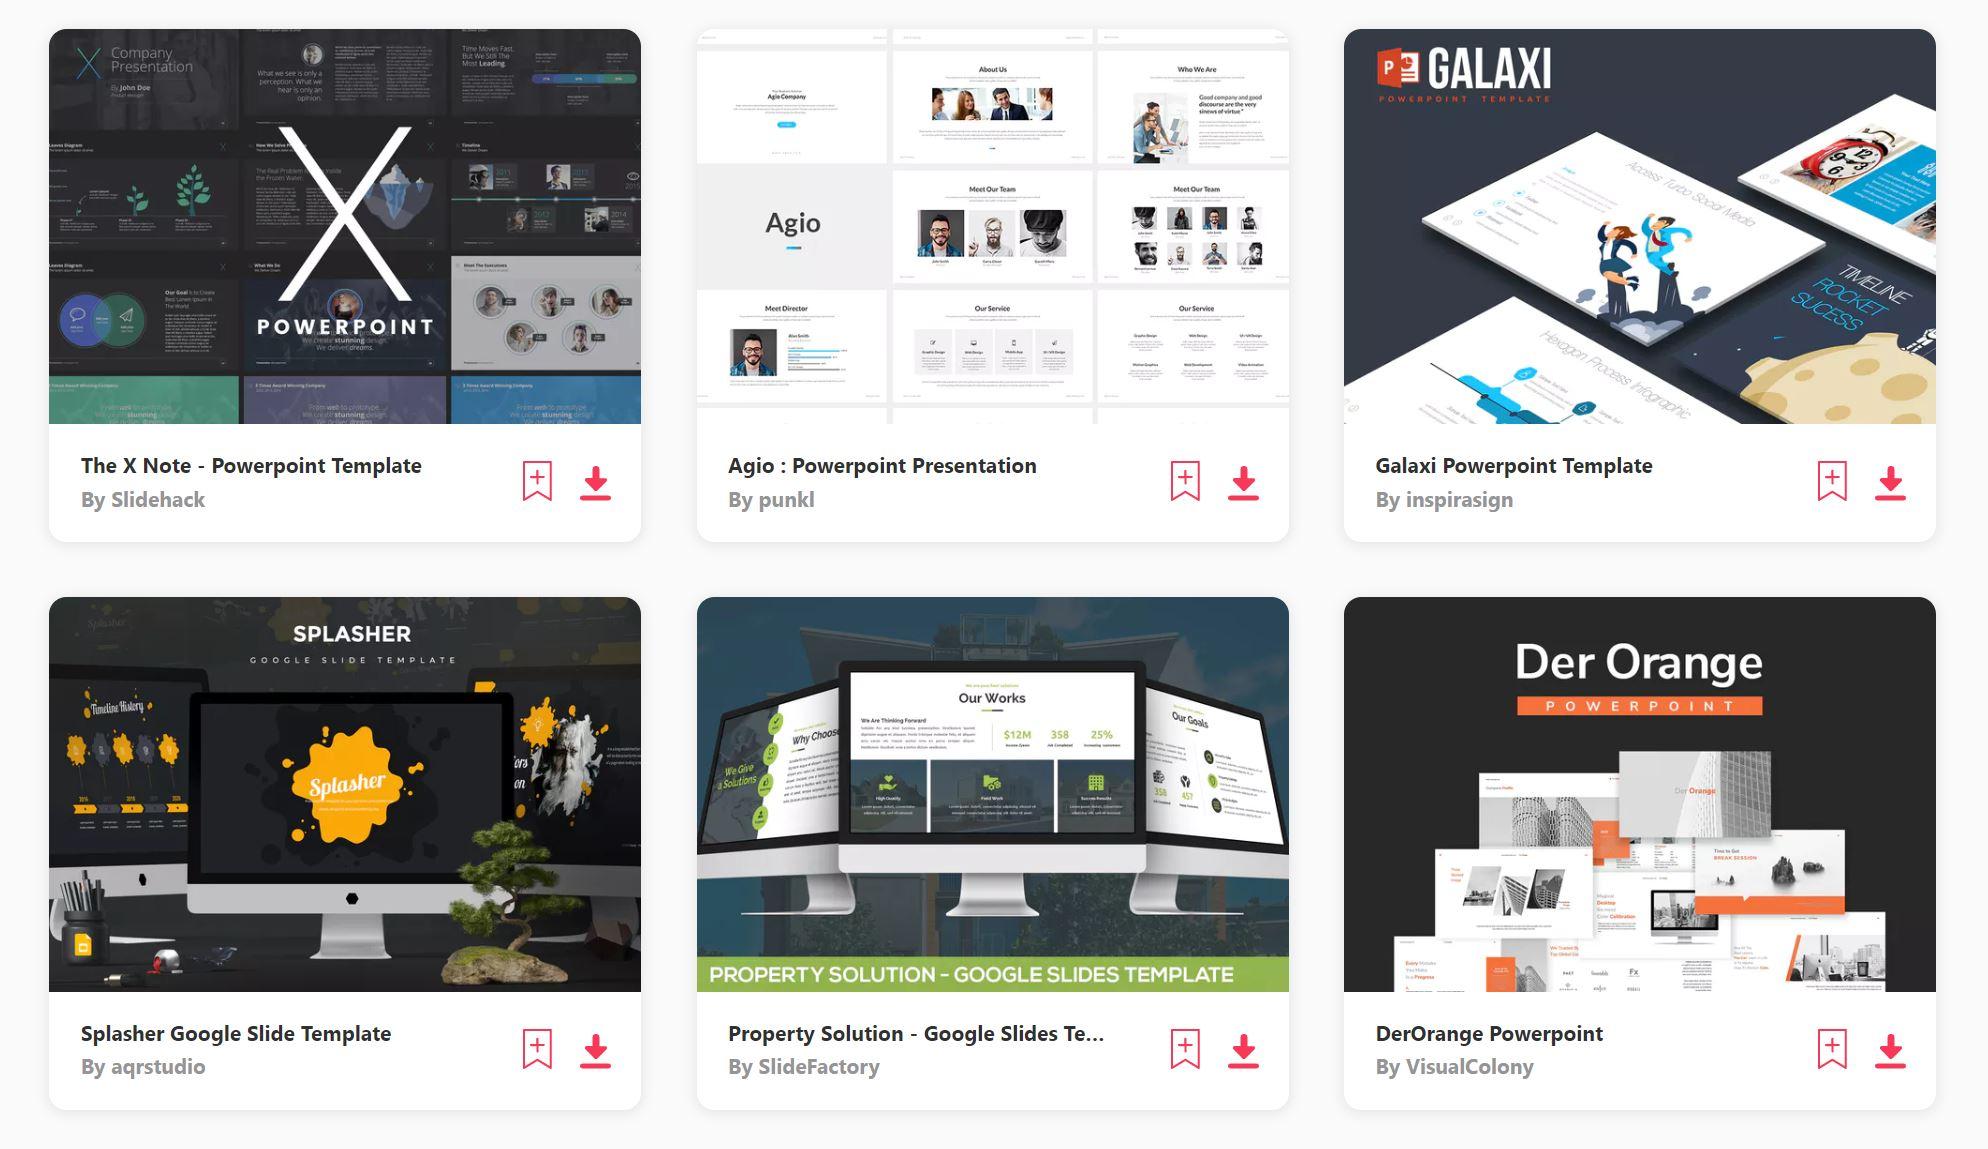 Jual Ratusan Template Powerpoint Mempercepat Pekerjaan Anda Membuat Slide Presentasi